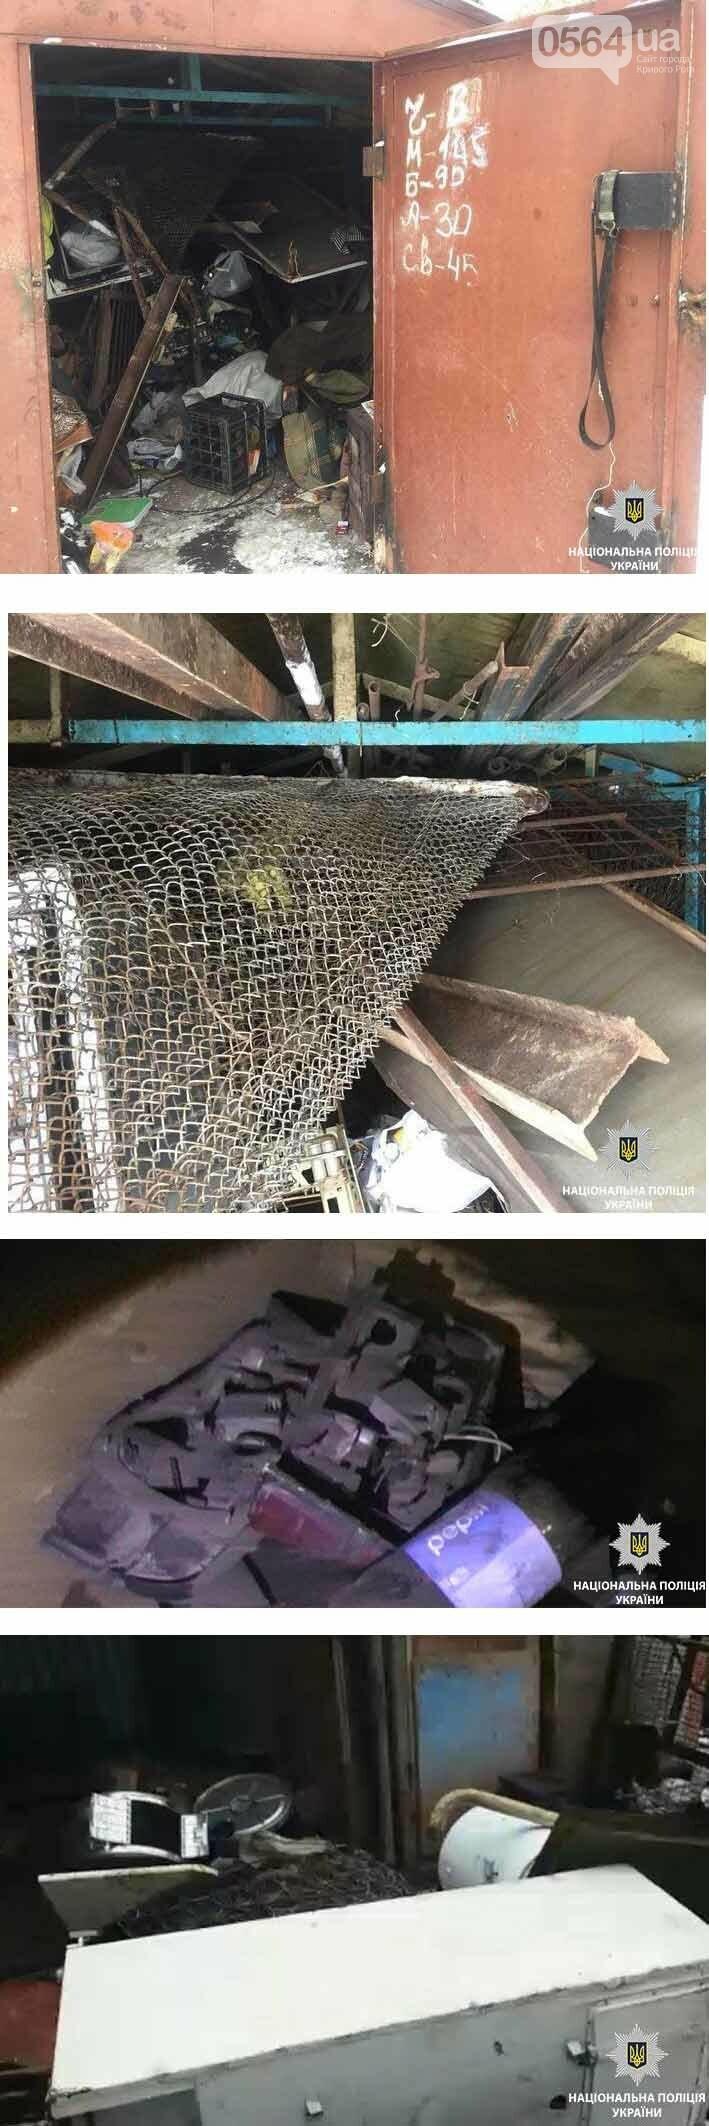 В феврале криворожская полиция закрыла 27 пунктов приема металлолома (ФОТО), фото-1